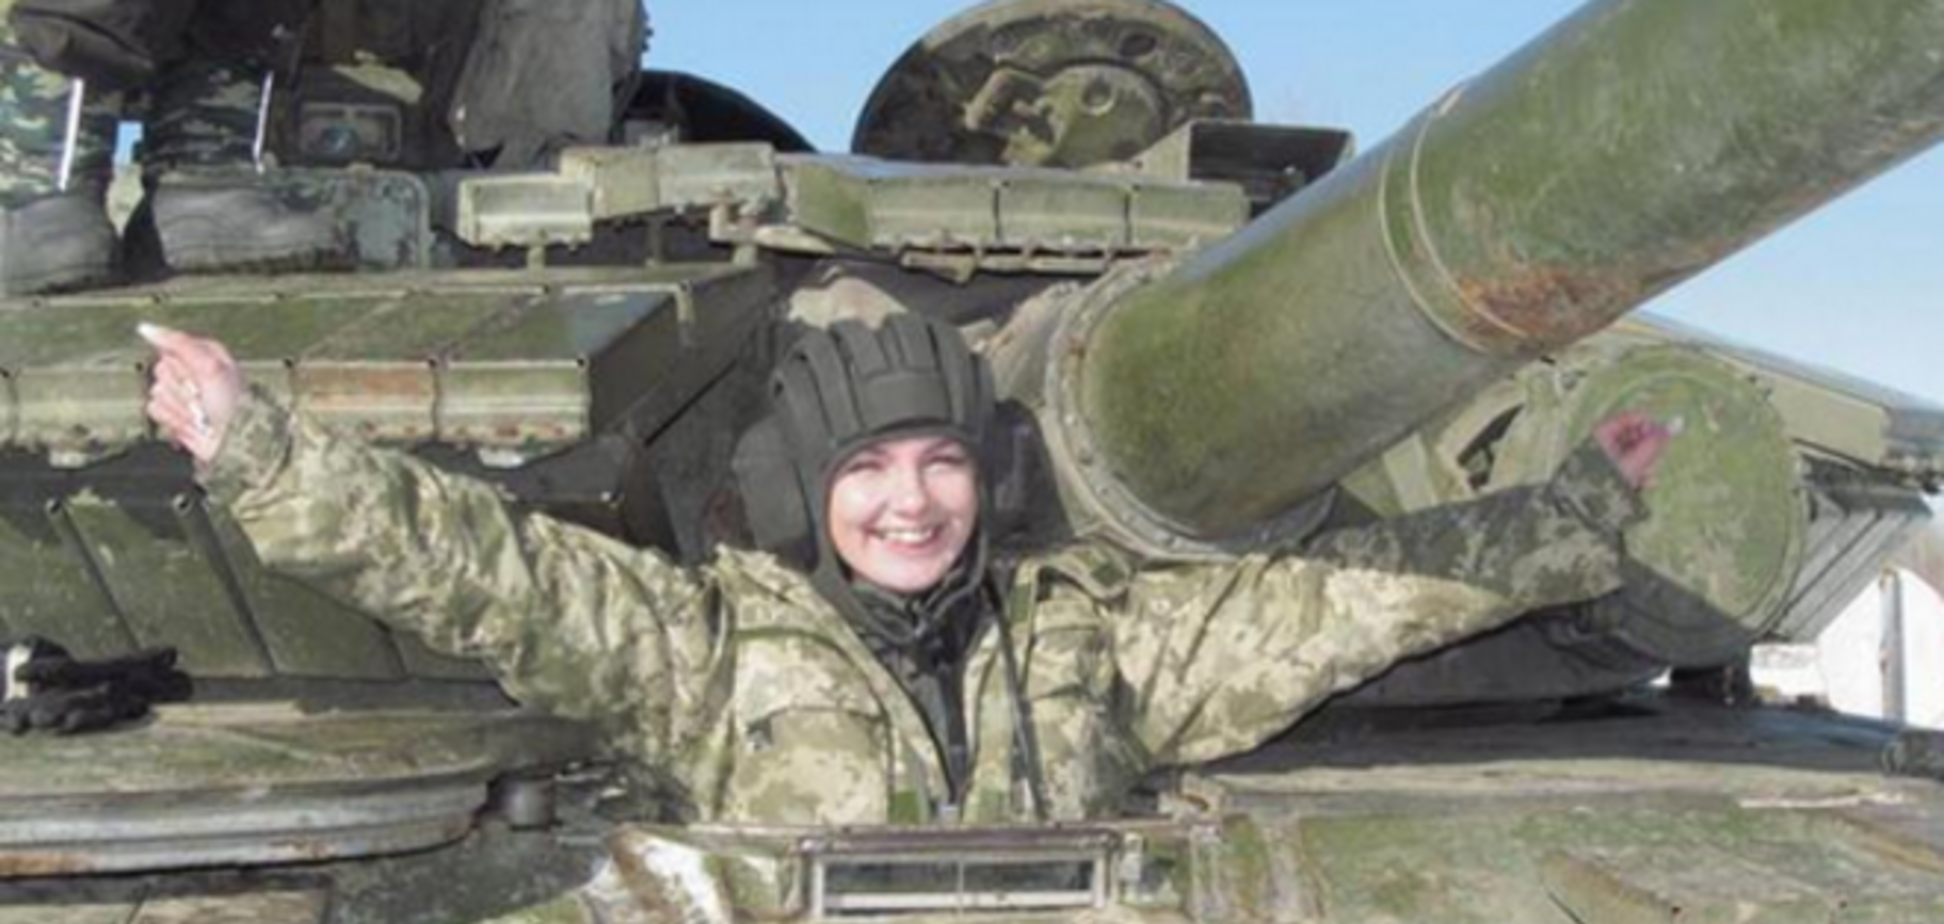 Женщина-танк. 28-летняя украинка стала единственной танкисткой в стране: фото и видео военной